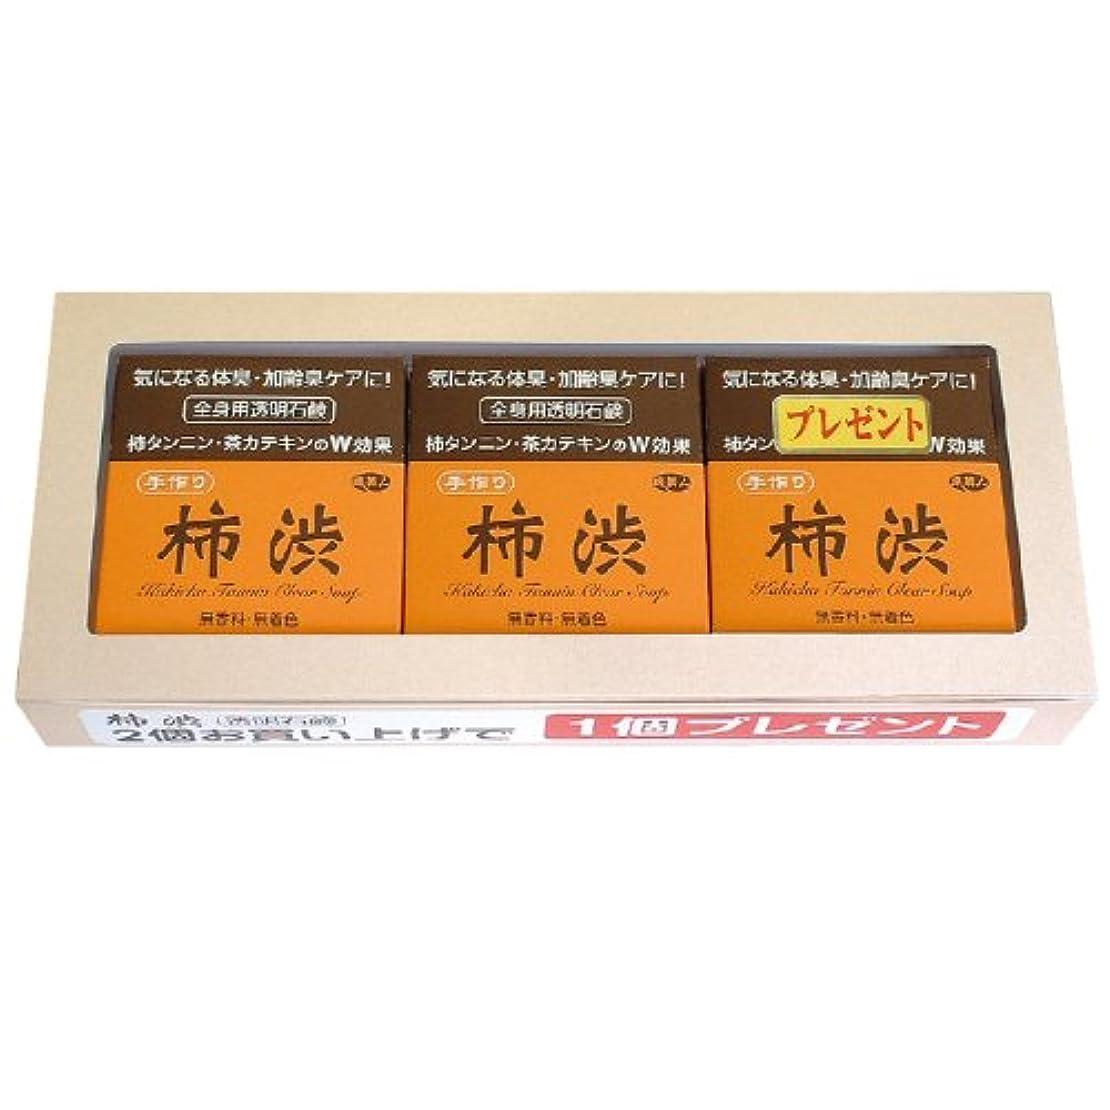 抑止する王朝一族アズマ商事の 柿渋透明石鹸 2個の値段で3個入りセット